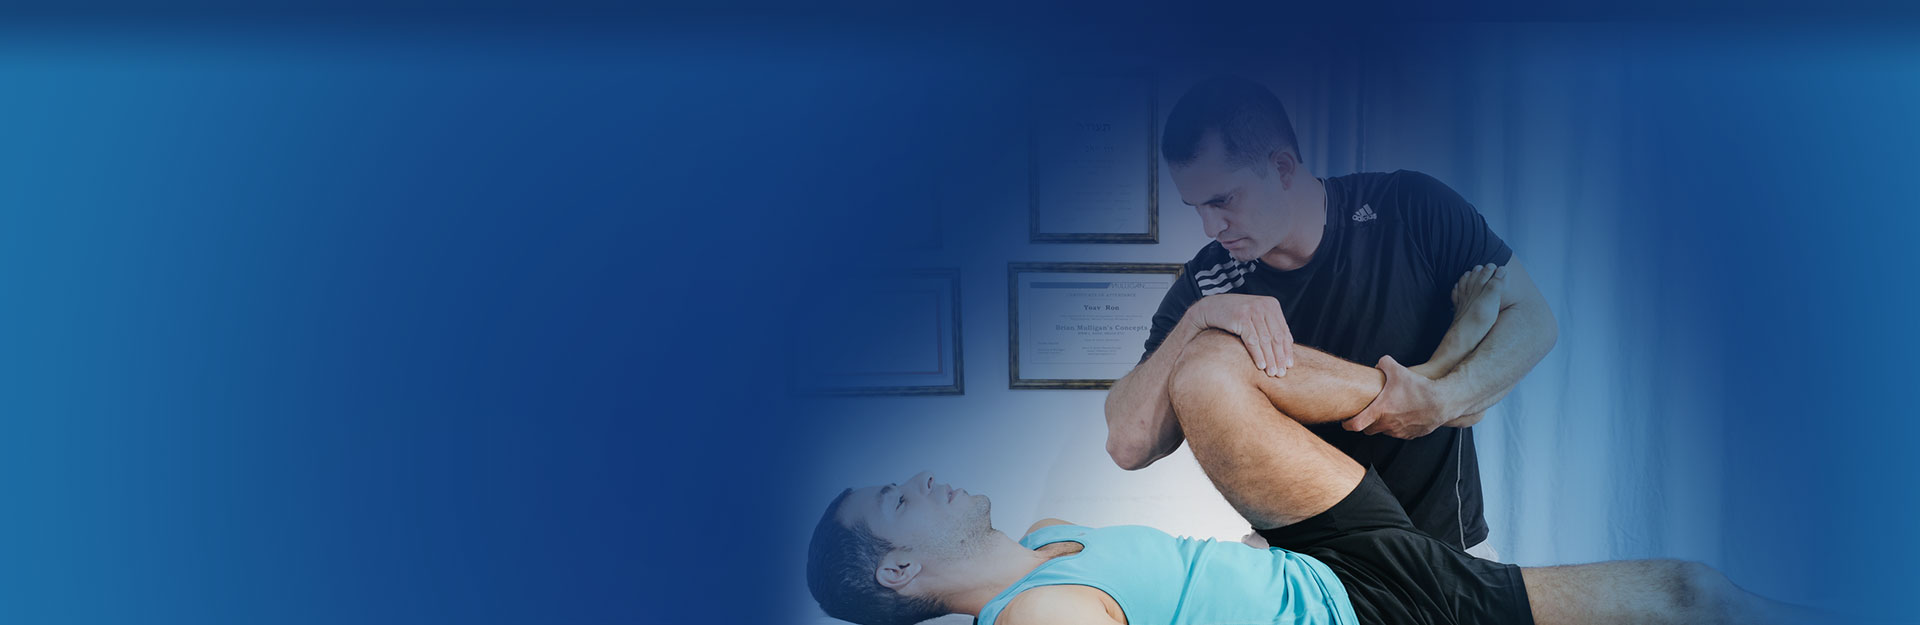 טיפול בכאבי ברכיים וגב תחתון בקליניקה לפיזיותרפיה יואב רון